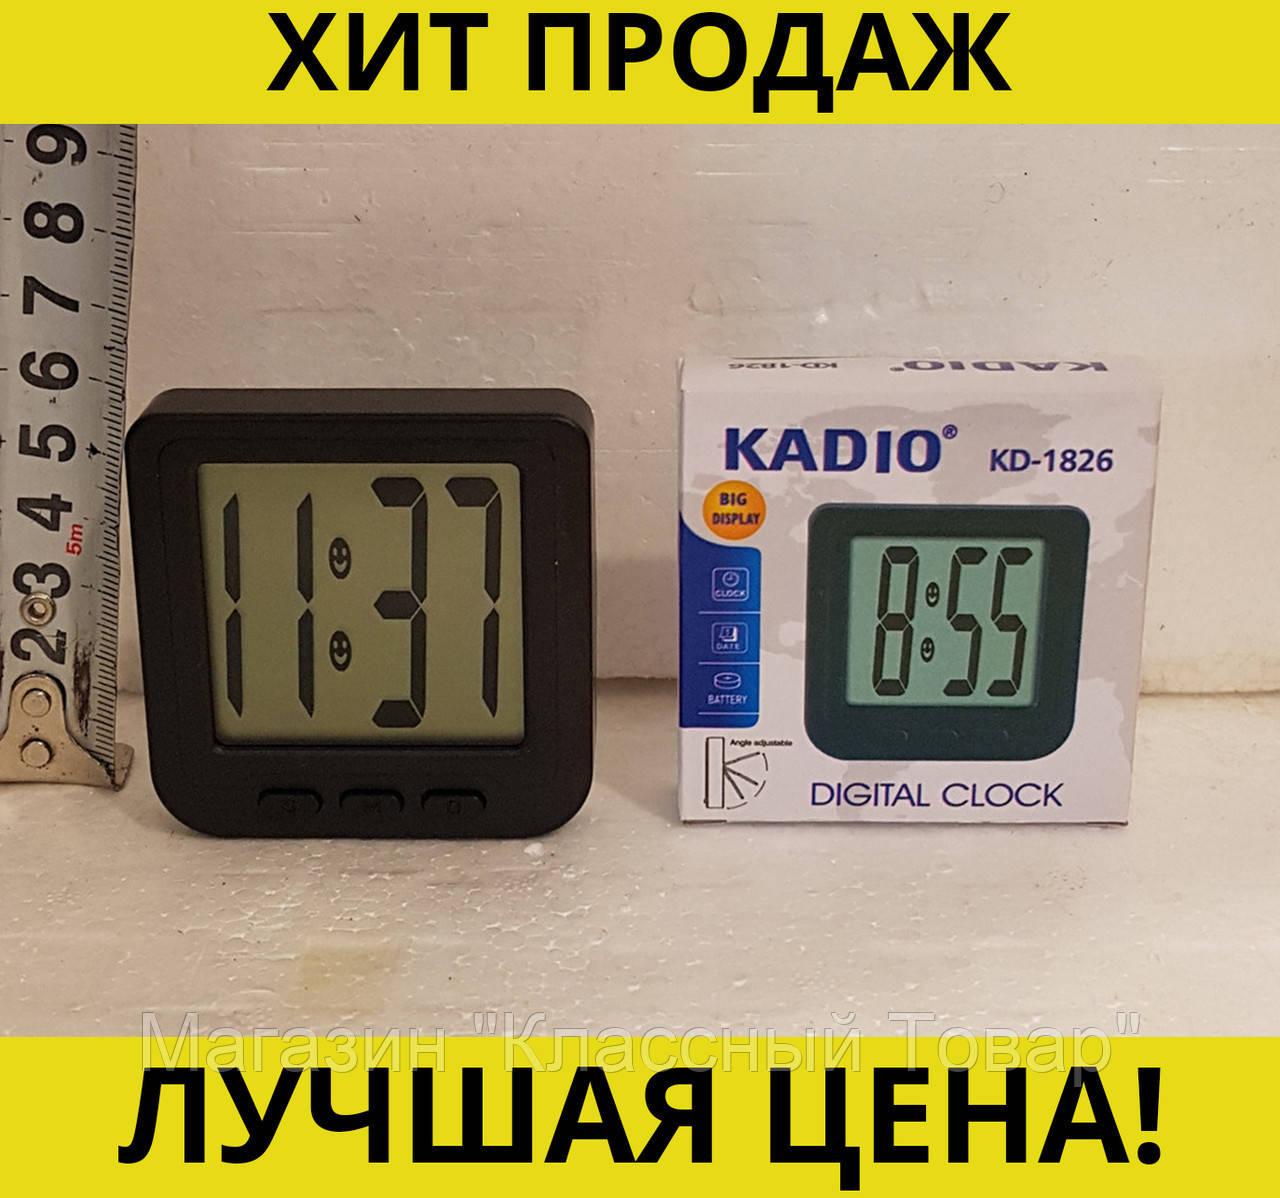 SALE! Часы KD 1826, Авто часы, Часы электронные в автомобиль. Часы с дисплеем